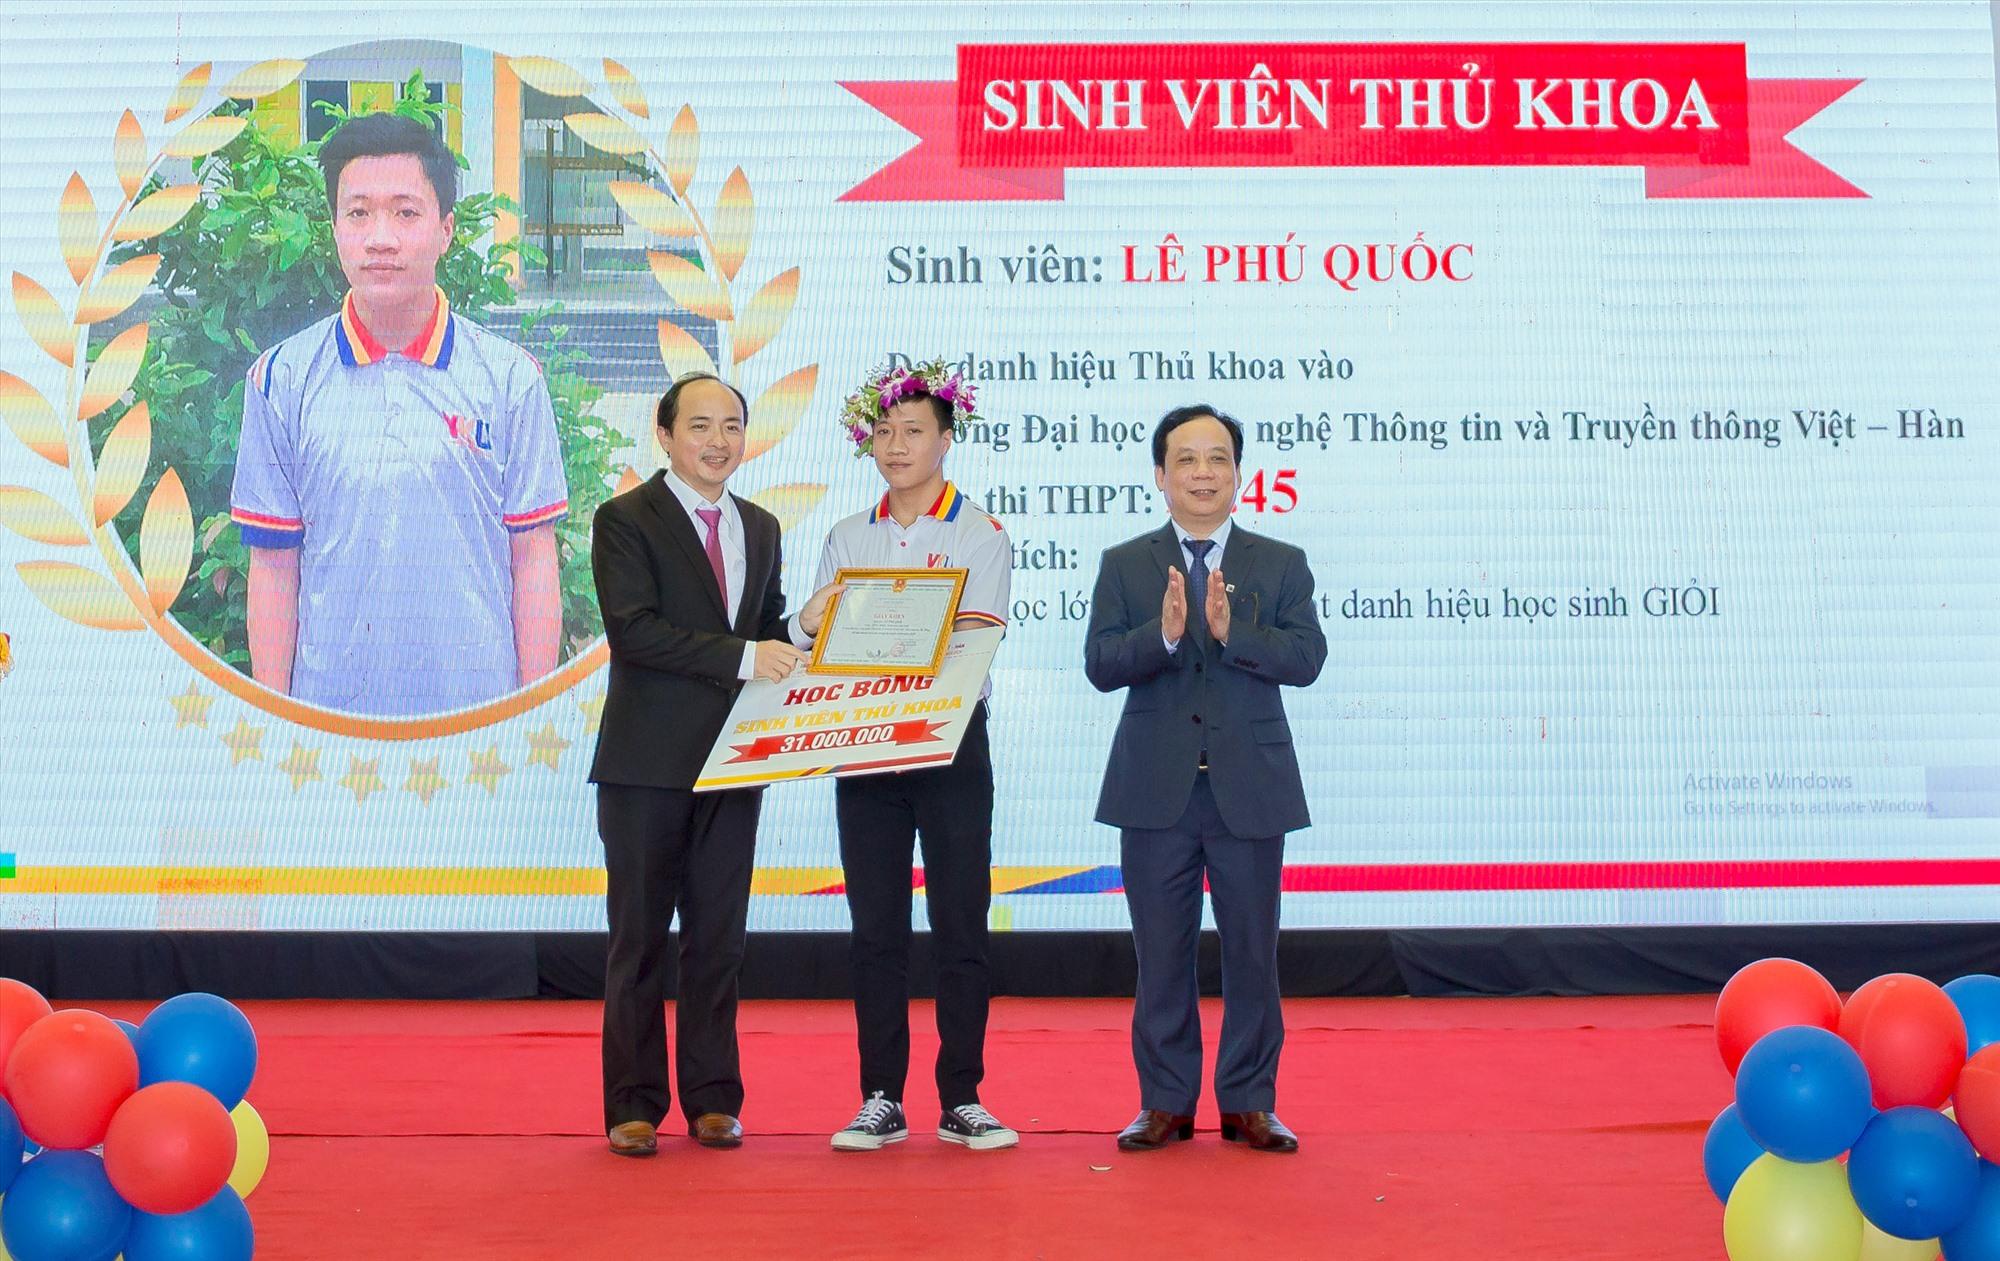 Giám đốc ĐHĐN (bên phải) và Hiệu trưởng VKU vinh danh Thủ khoa đầu vào VKU năm 2020.